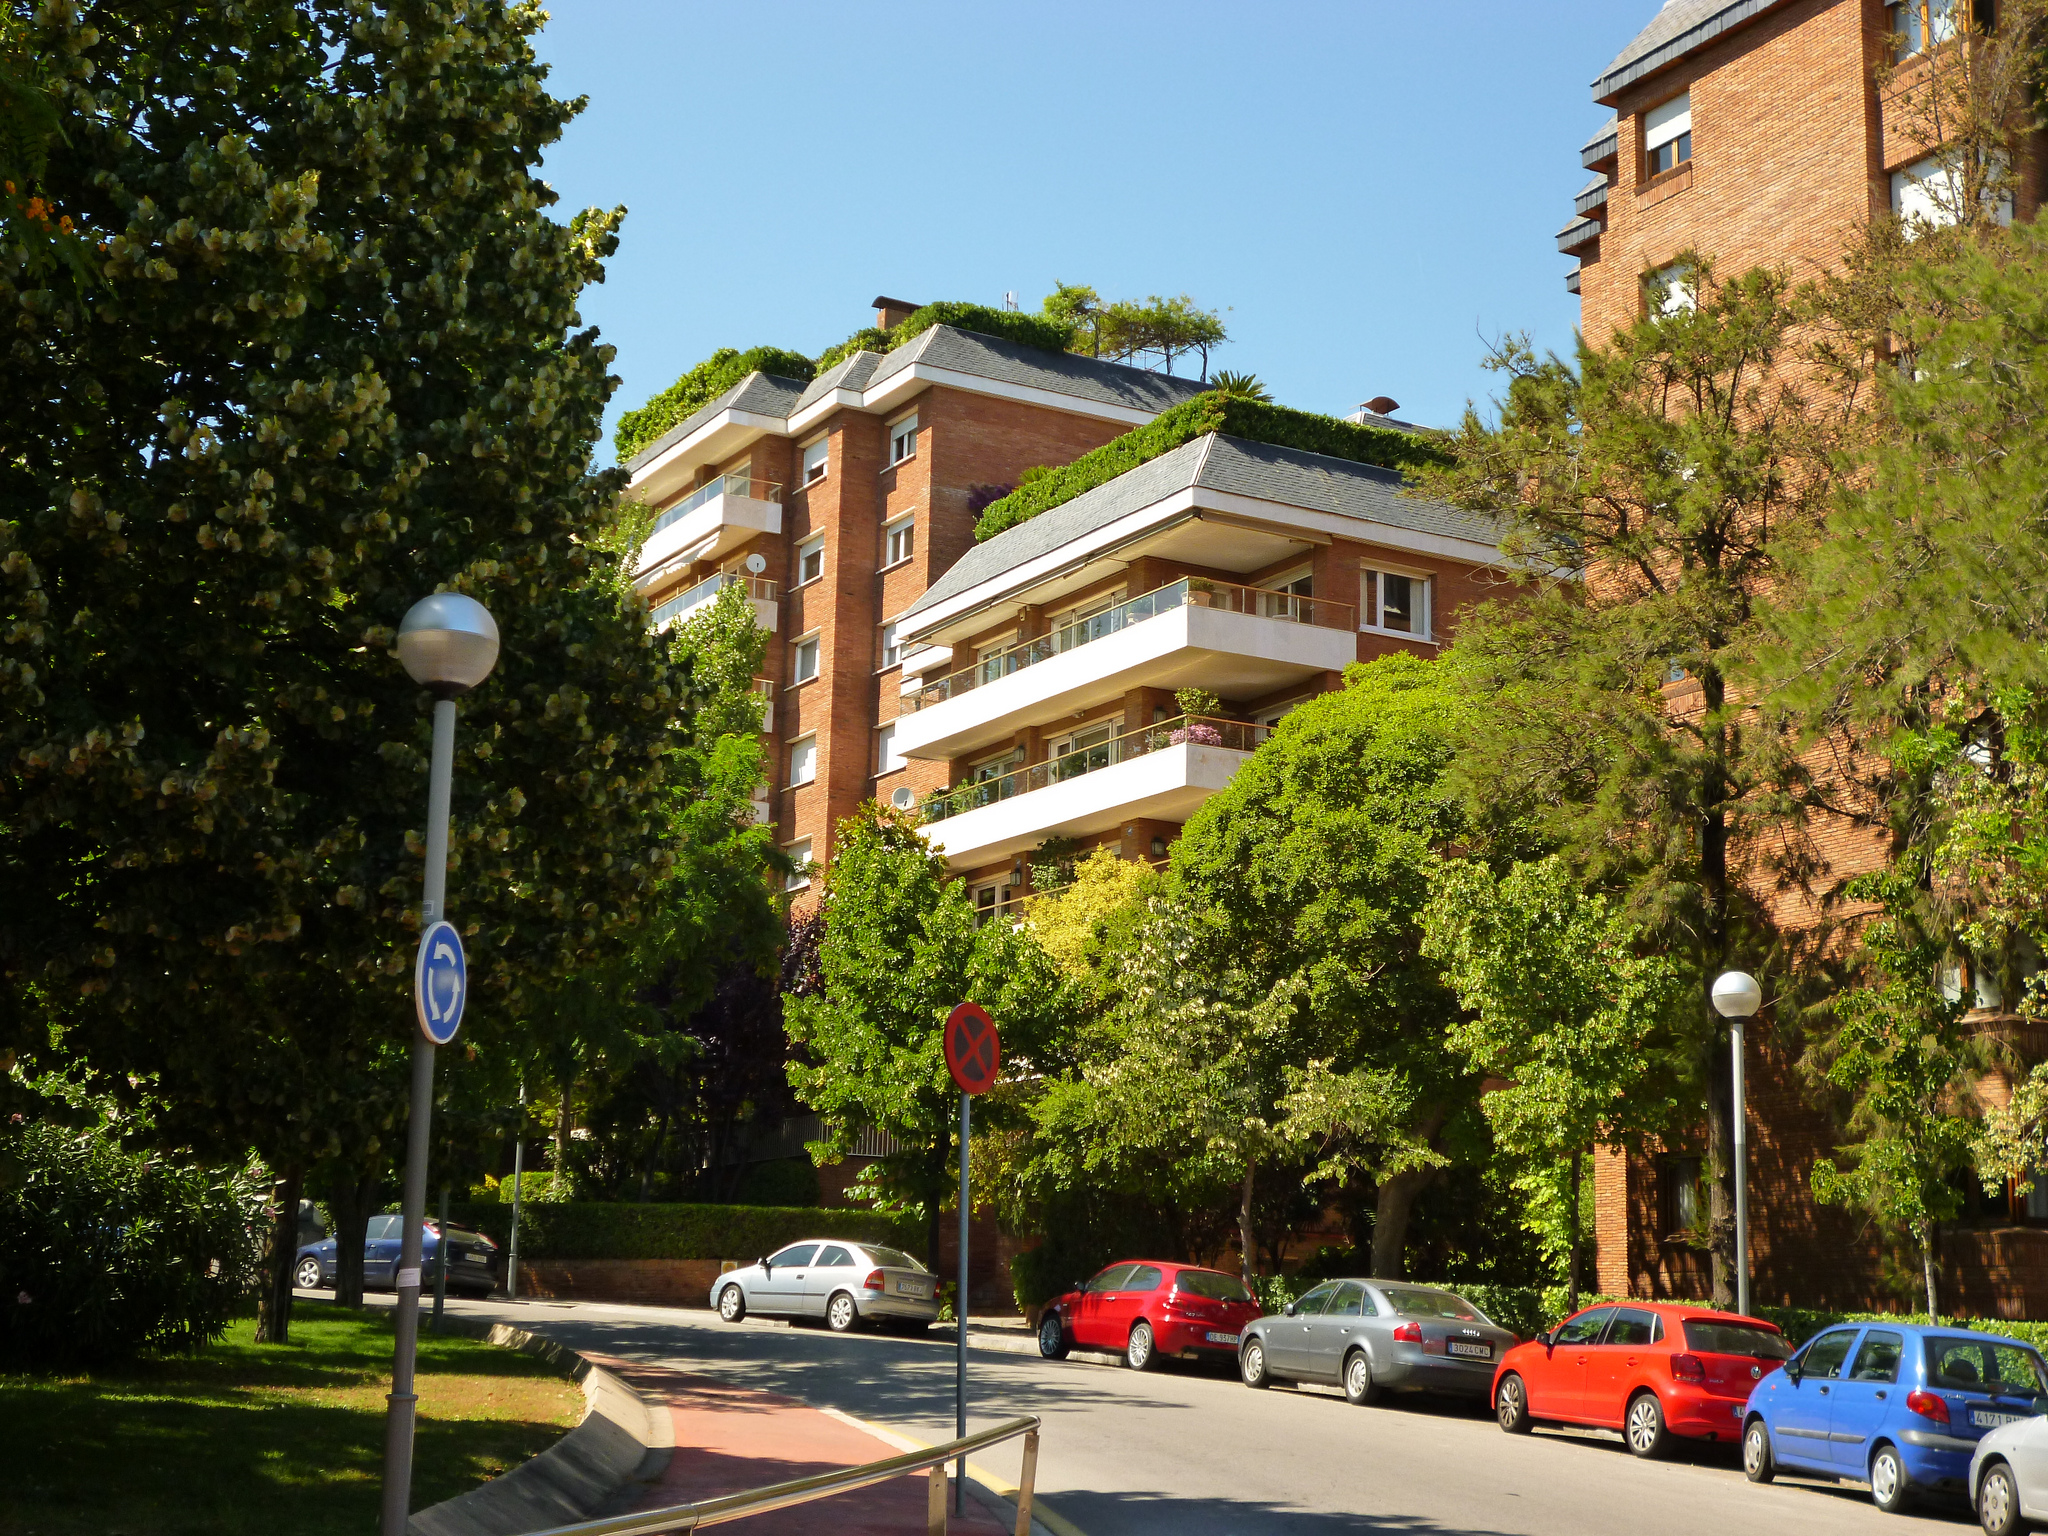 Улица в районе Педральбес, Барселона